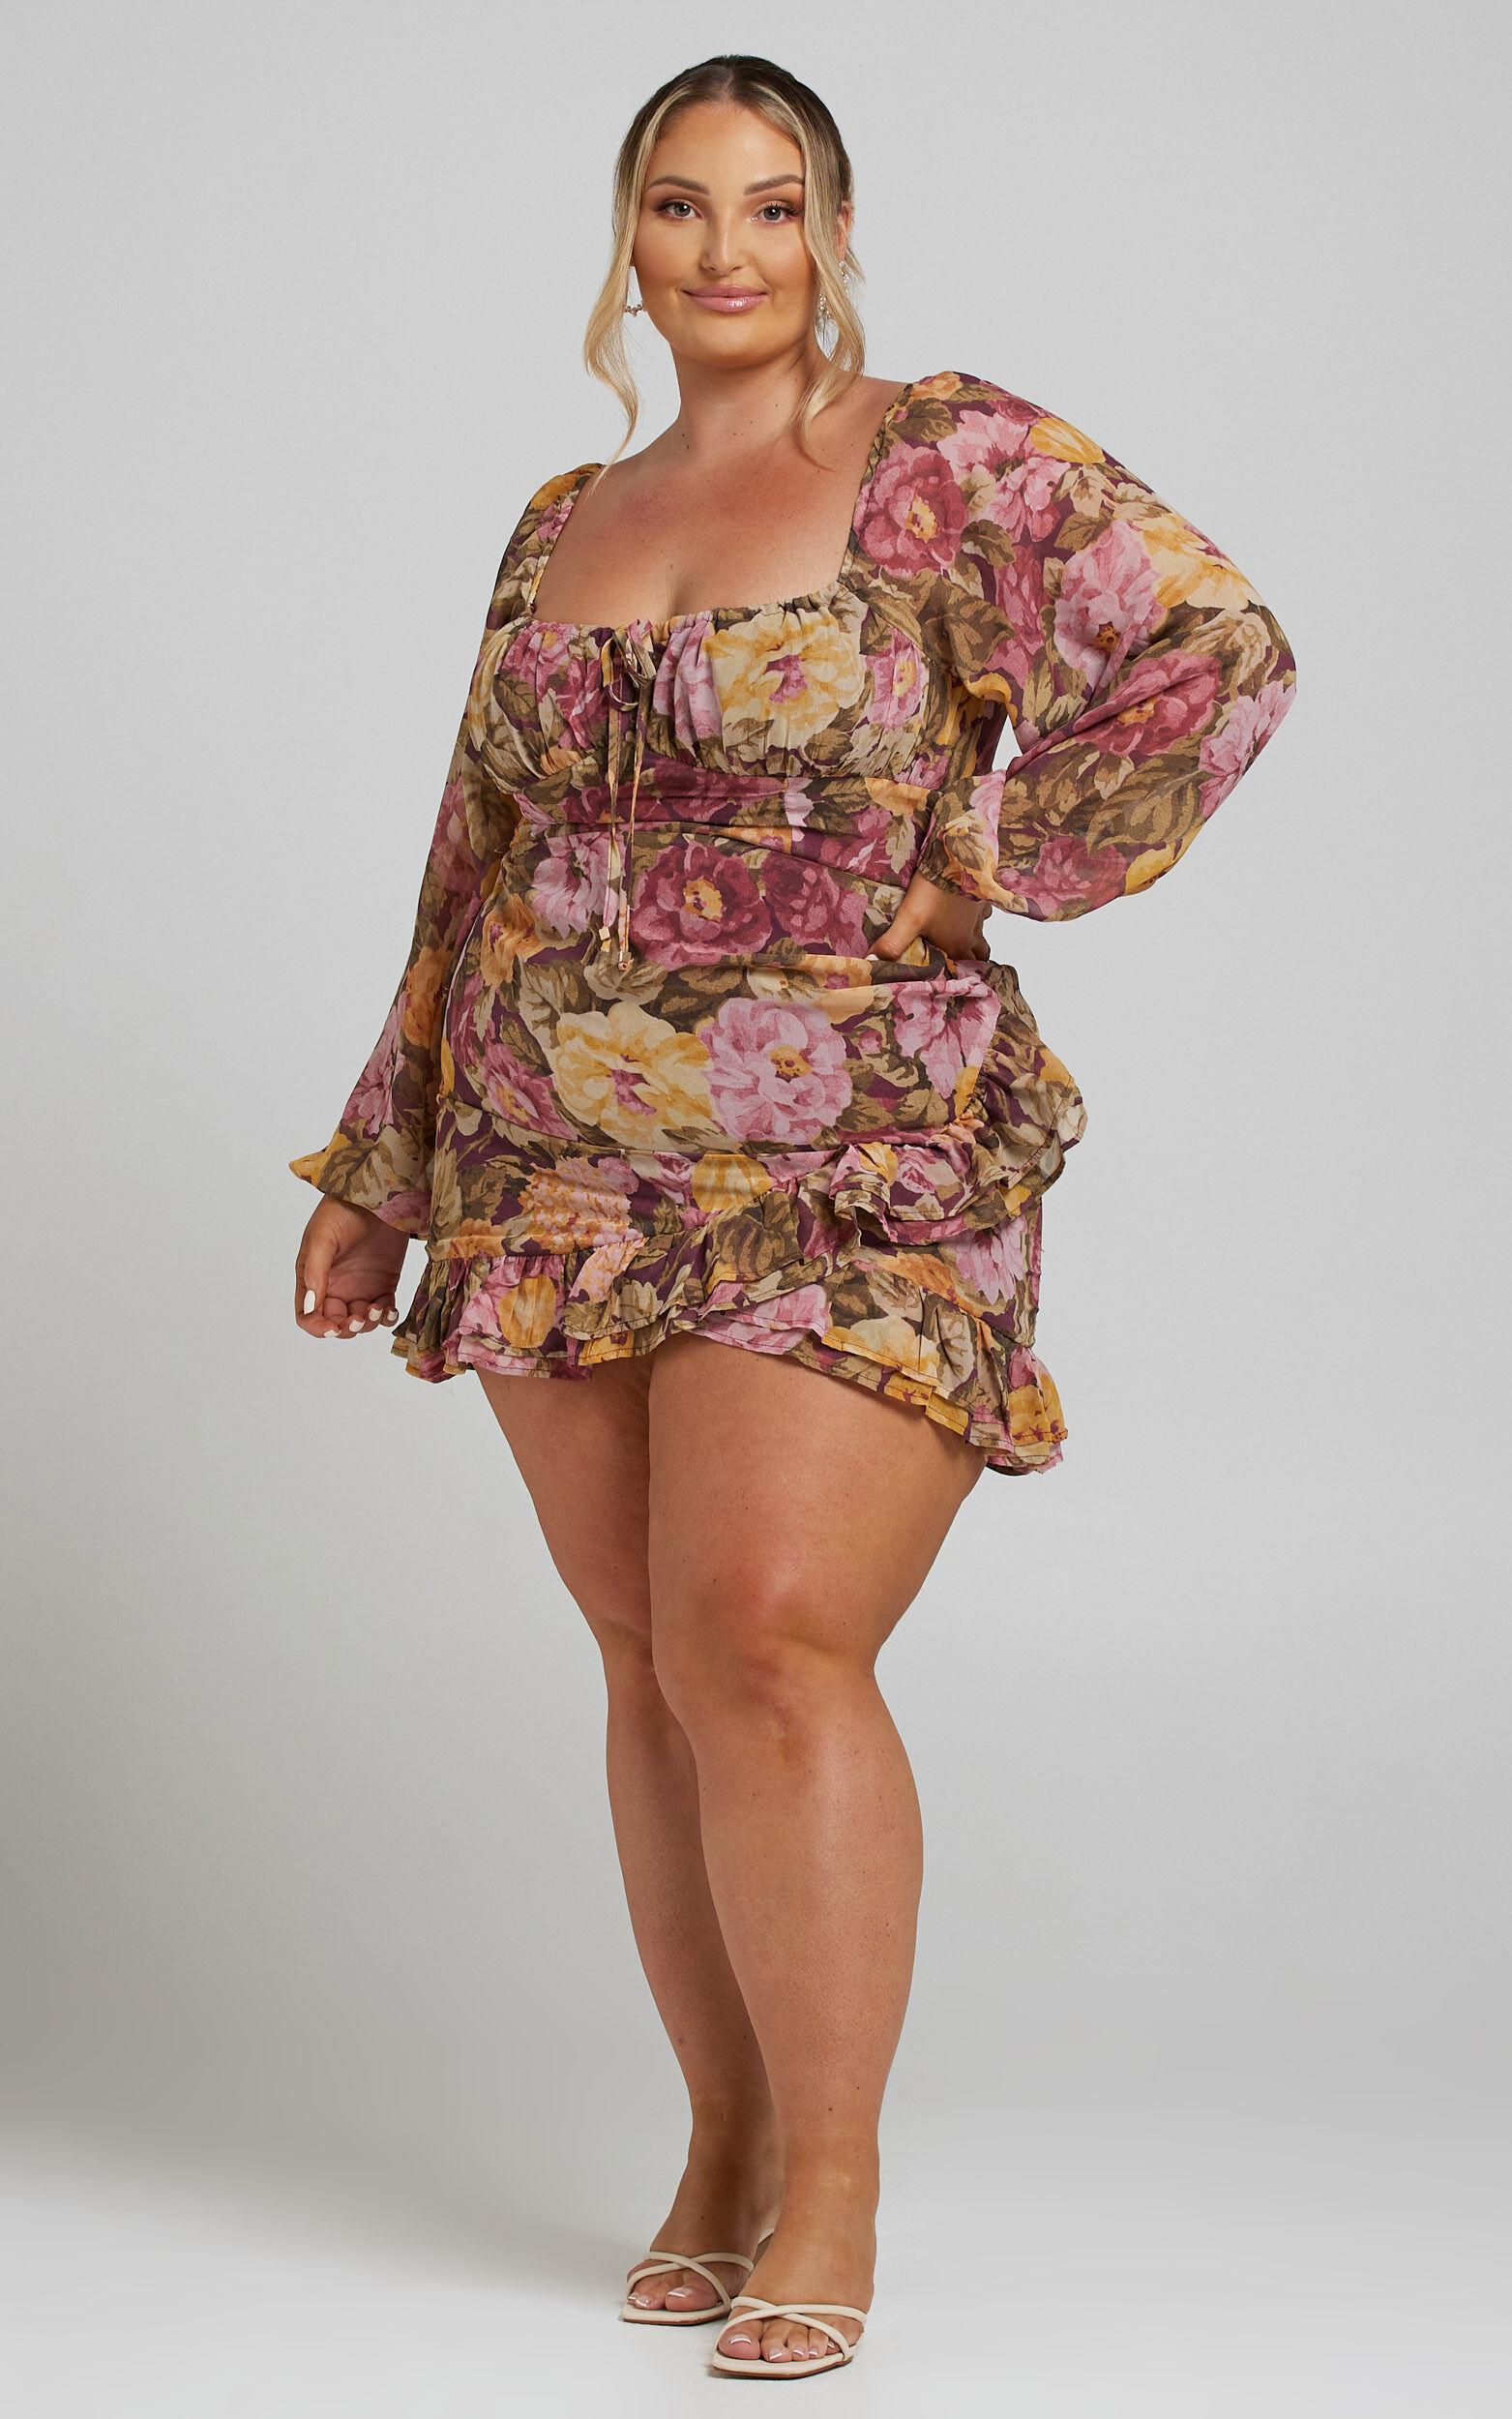 Grizela Dress in Classic Floral - 04, PNK1, super-hi-res image number null